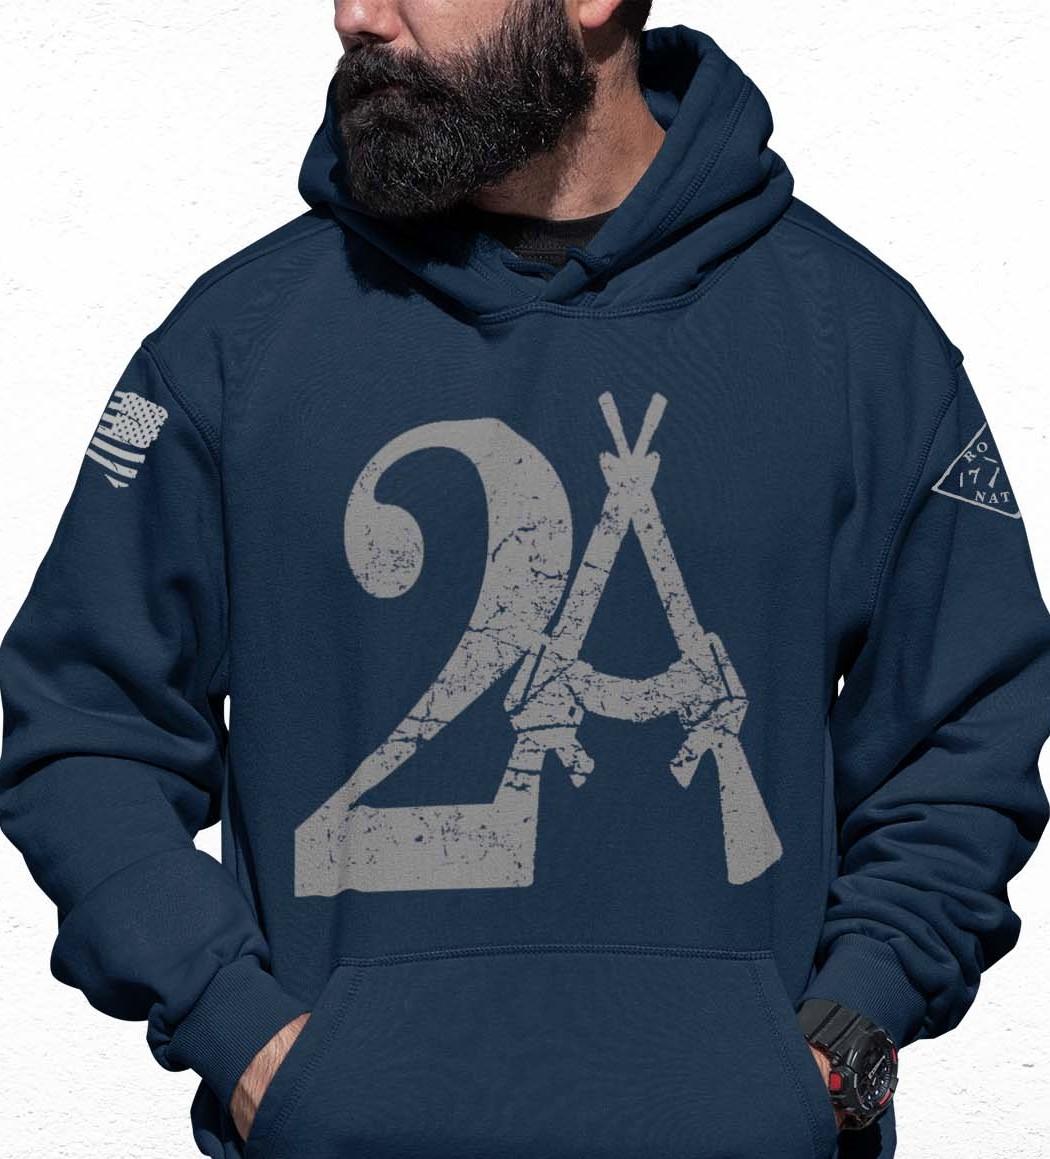 2A Hoodie on Men's Navy Blue Hoodie